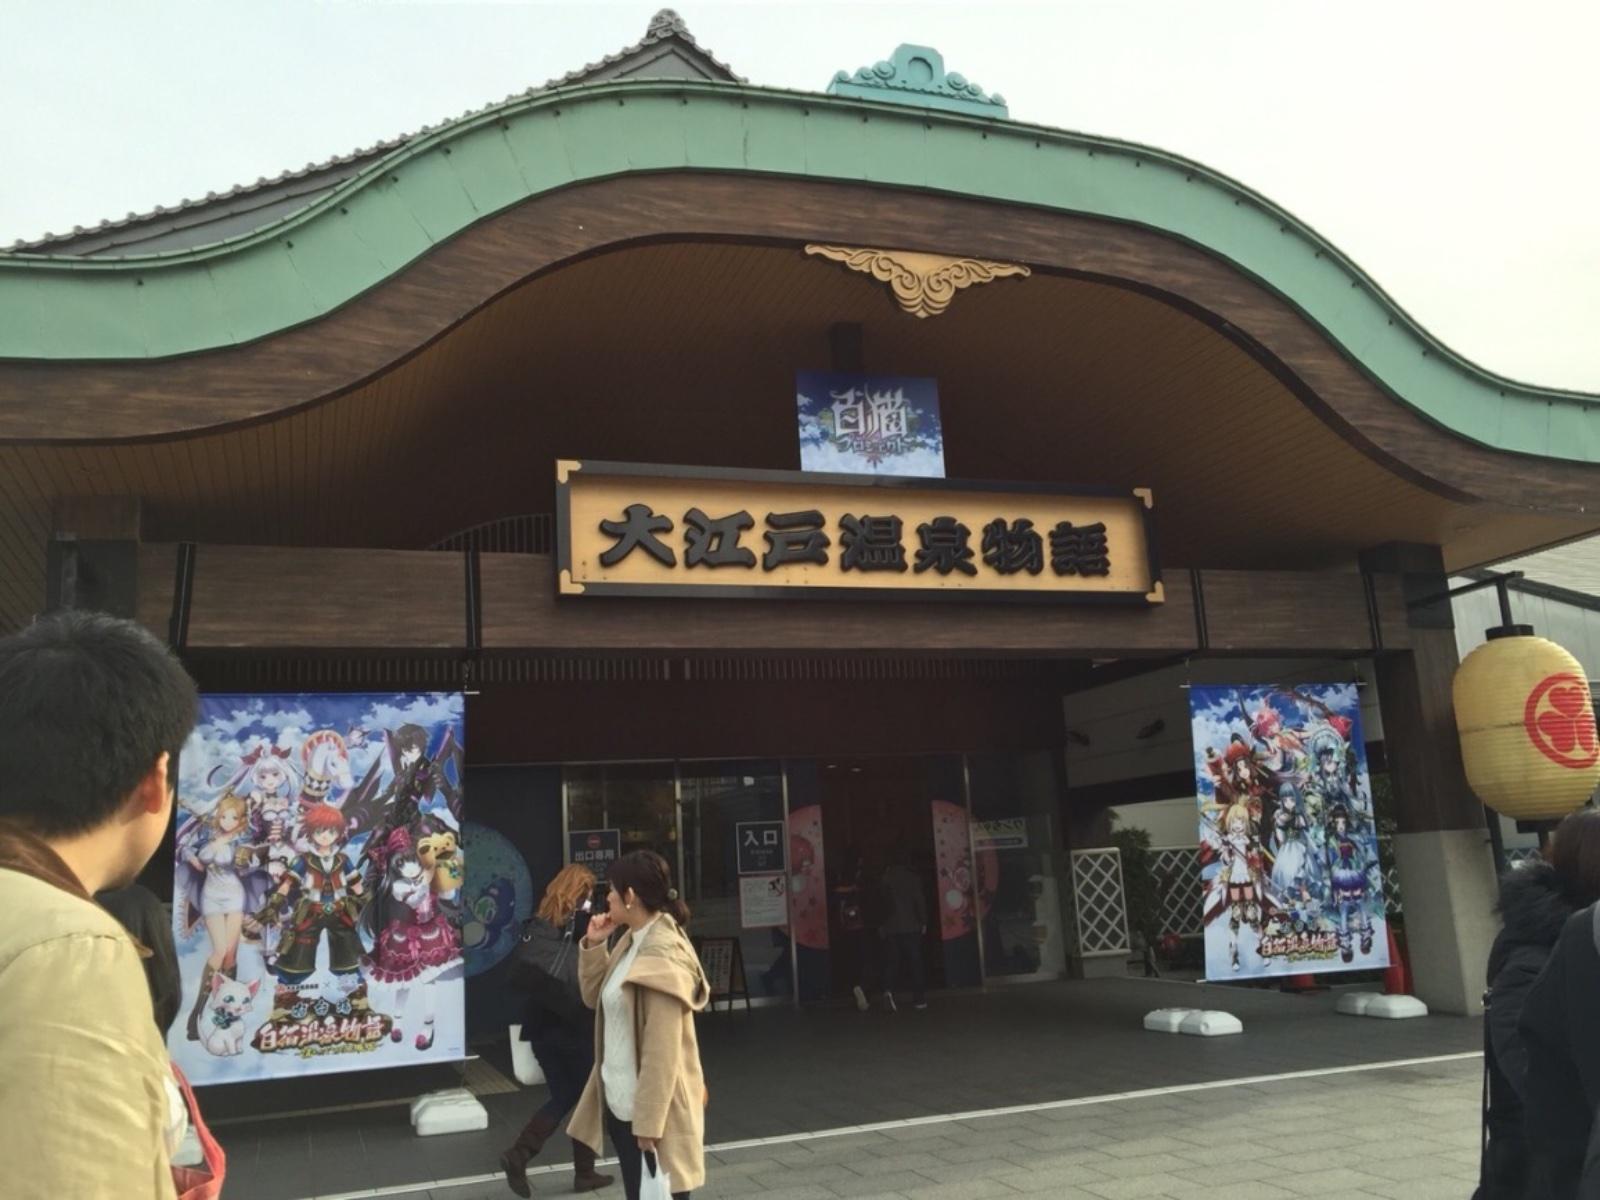 デートや観光にも最適!お台場の大江戸温泉物語の魅力をご紹介